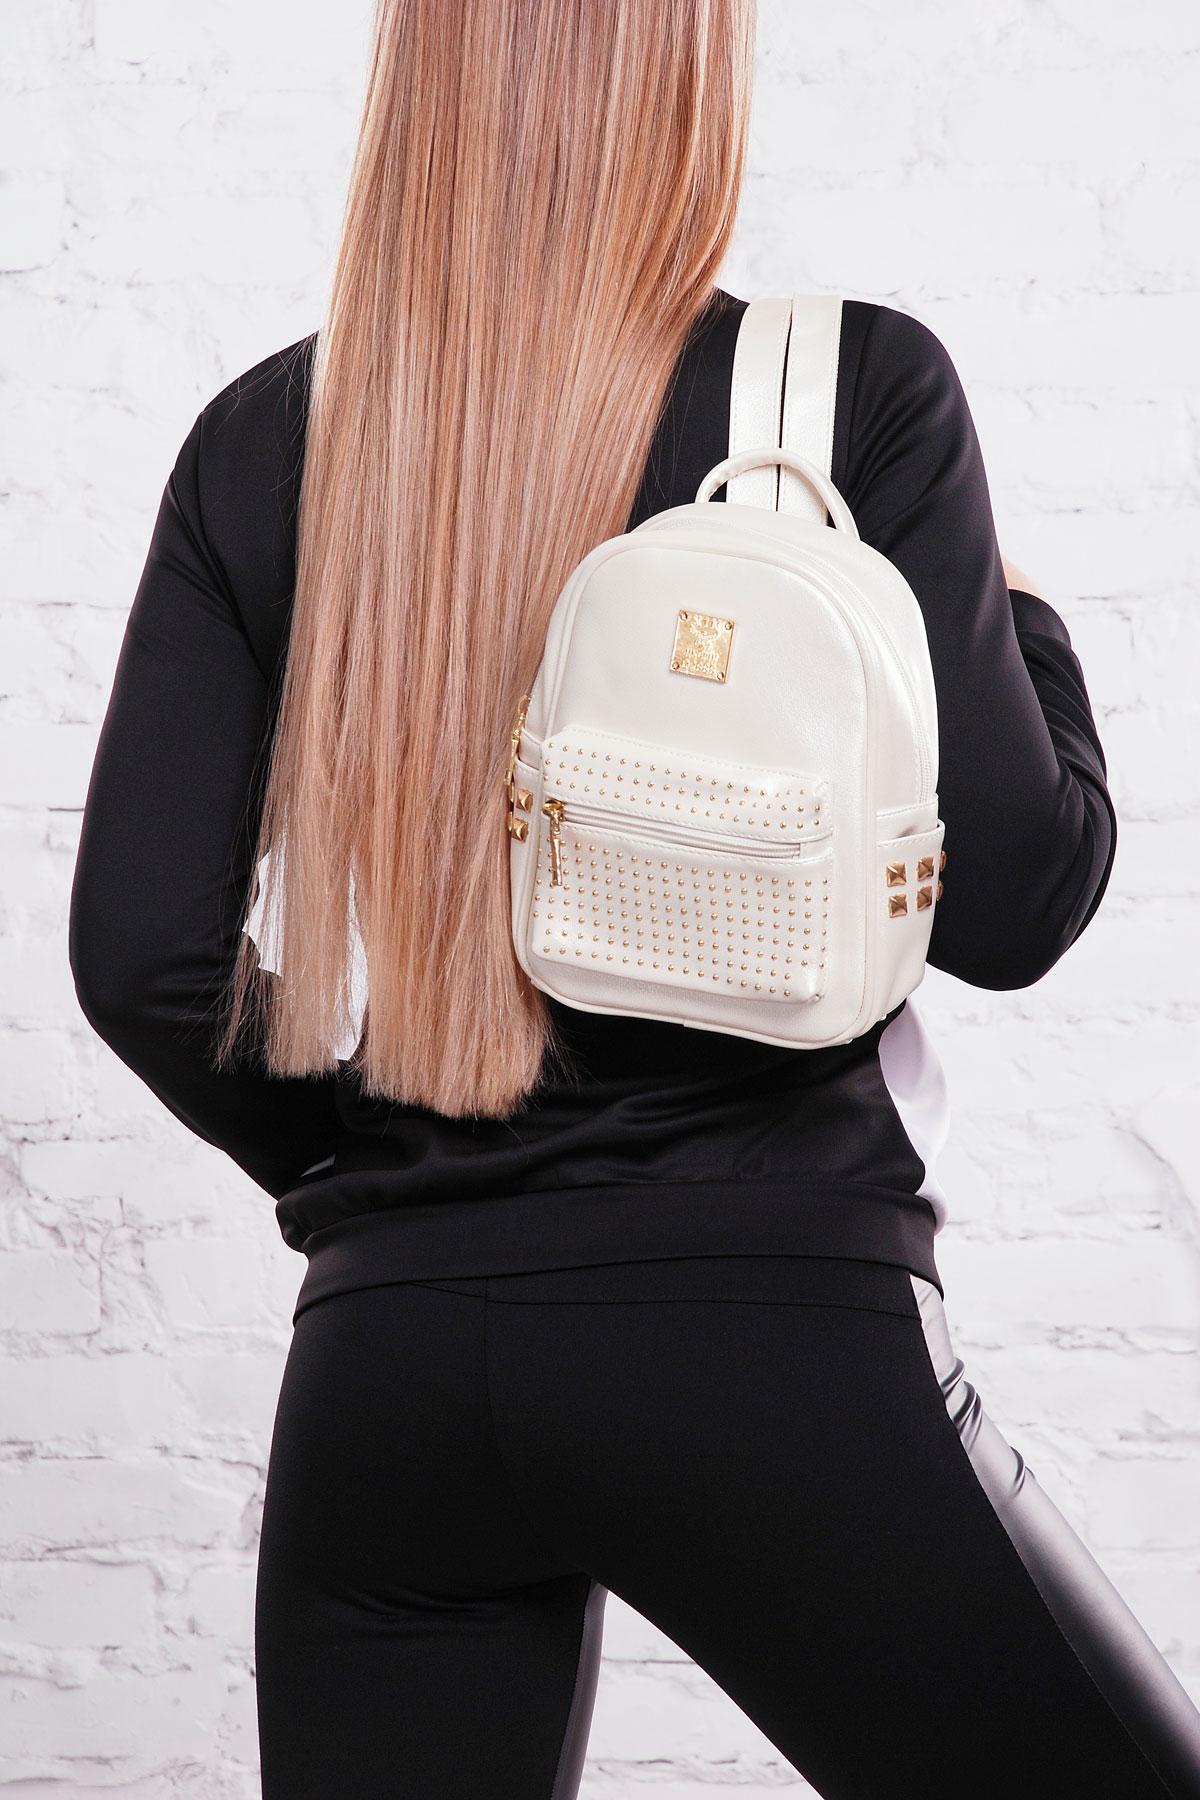 f21d3b59146b Цвет: жемчуг купить · небольшой рюкзак жемчужного цвета. Рюкзак 610. Цвет:  жемчуг цена